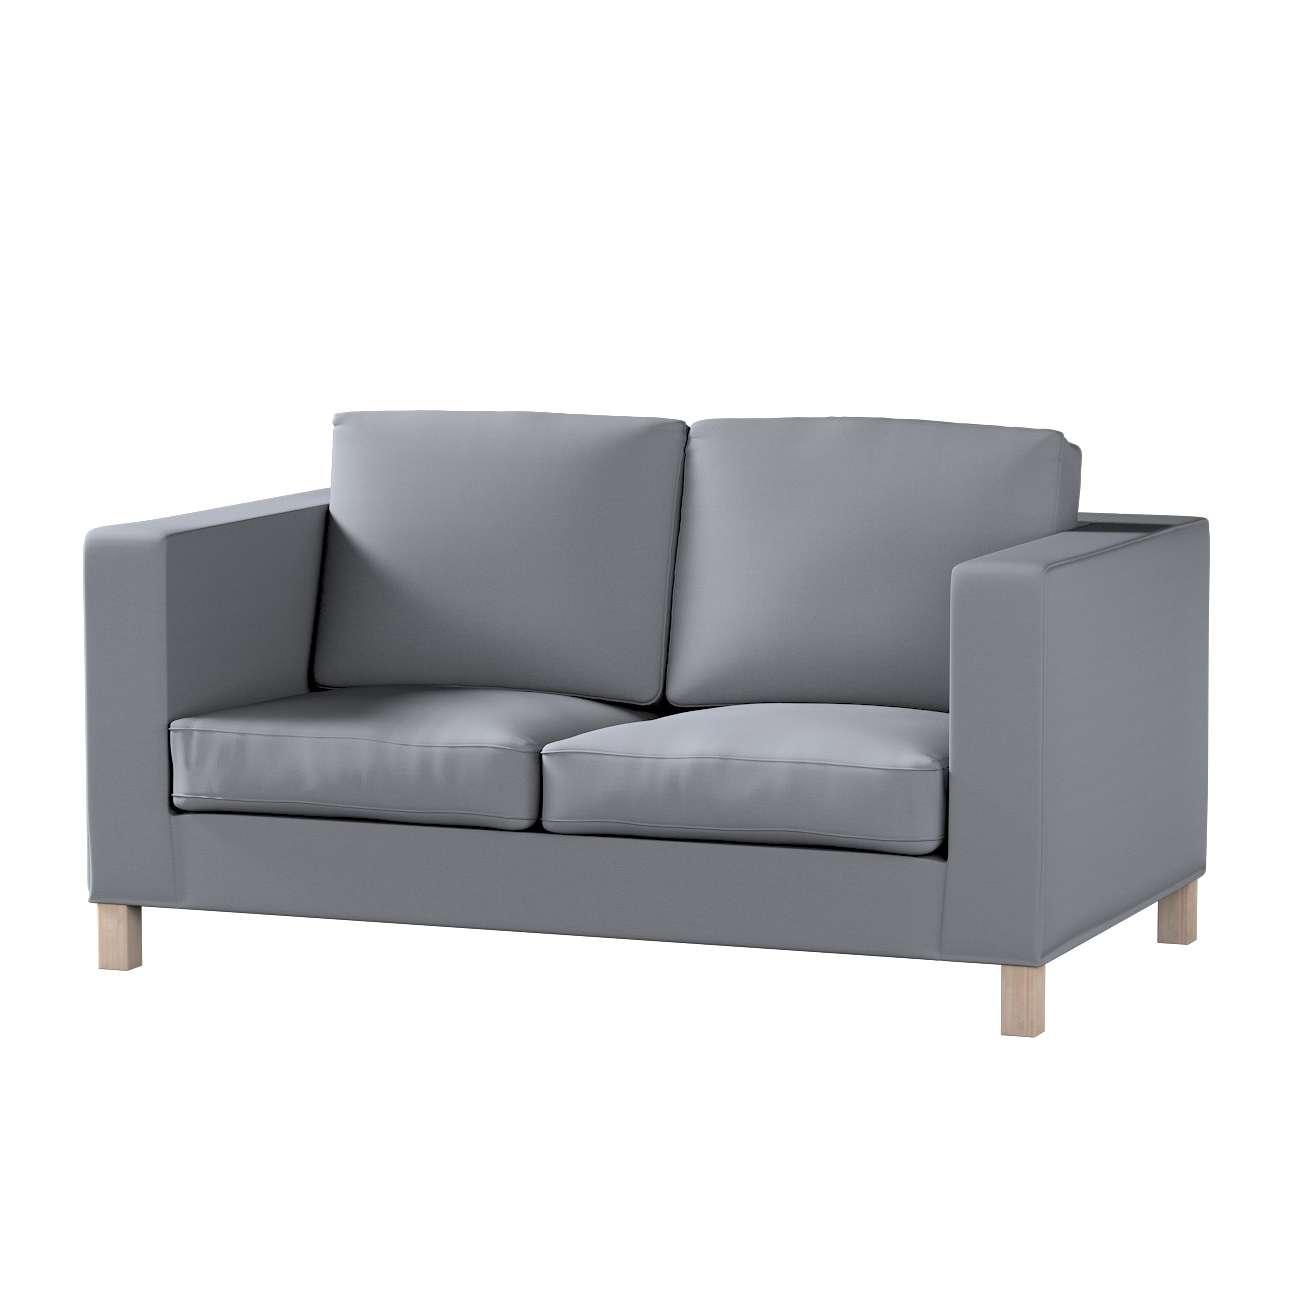 Bezug für Karlanda 2-Sitzer Sofa nicht ausklappbar, kurz von der Kollektion Cotton Panama, Stoff: 702-07